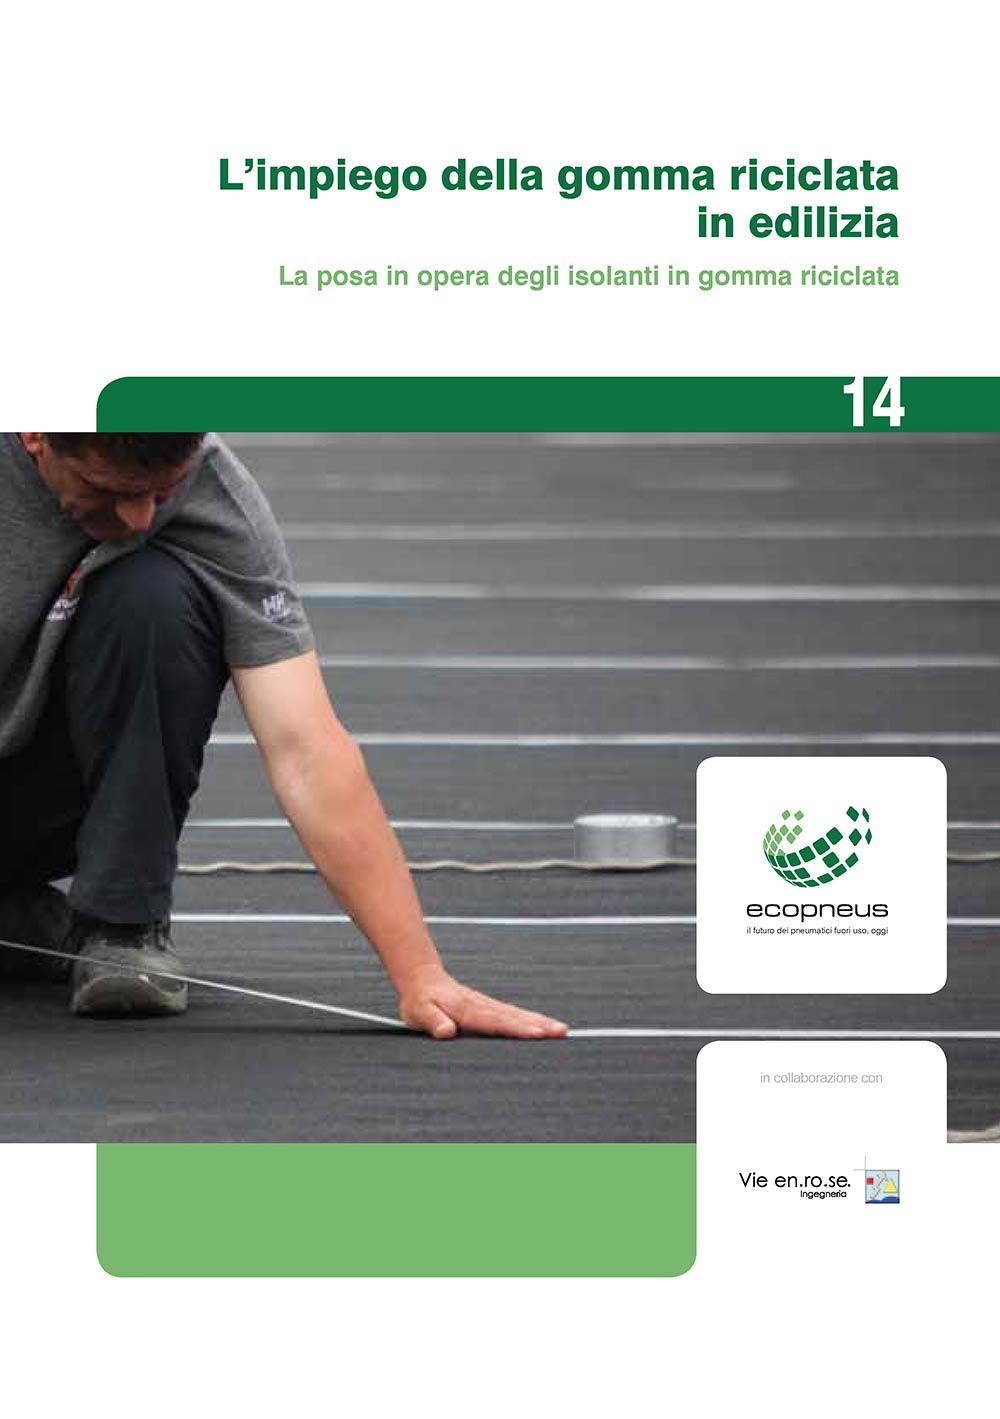 L'impiego della gomma riciclata in edilizia Vol.2 - La posa in opera